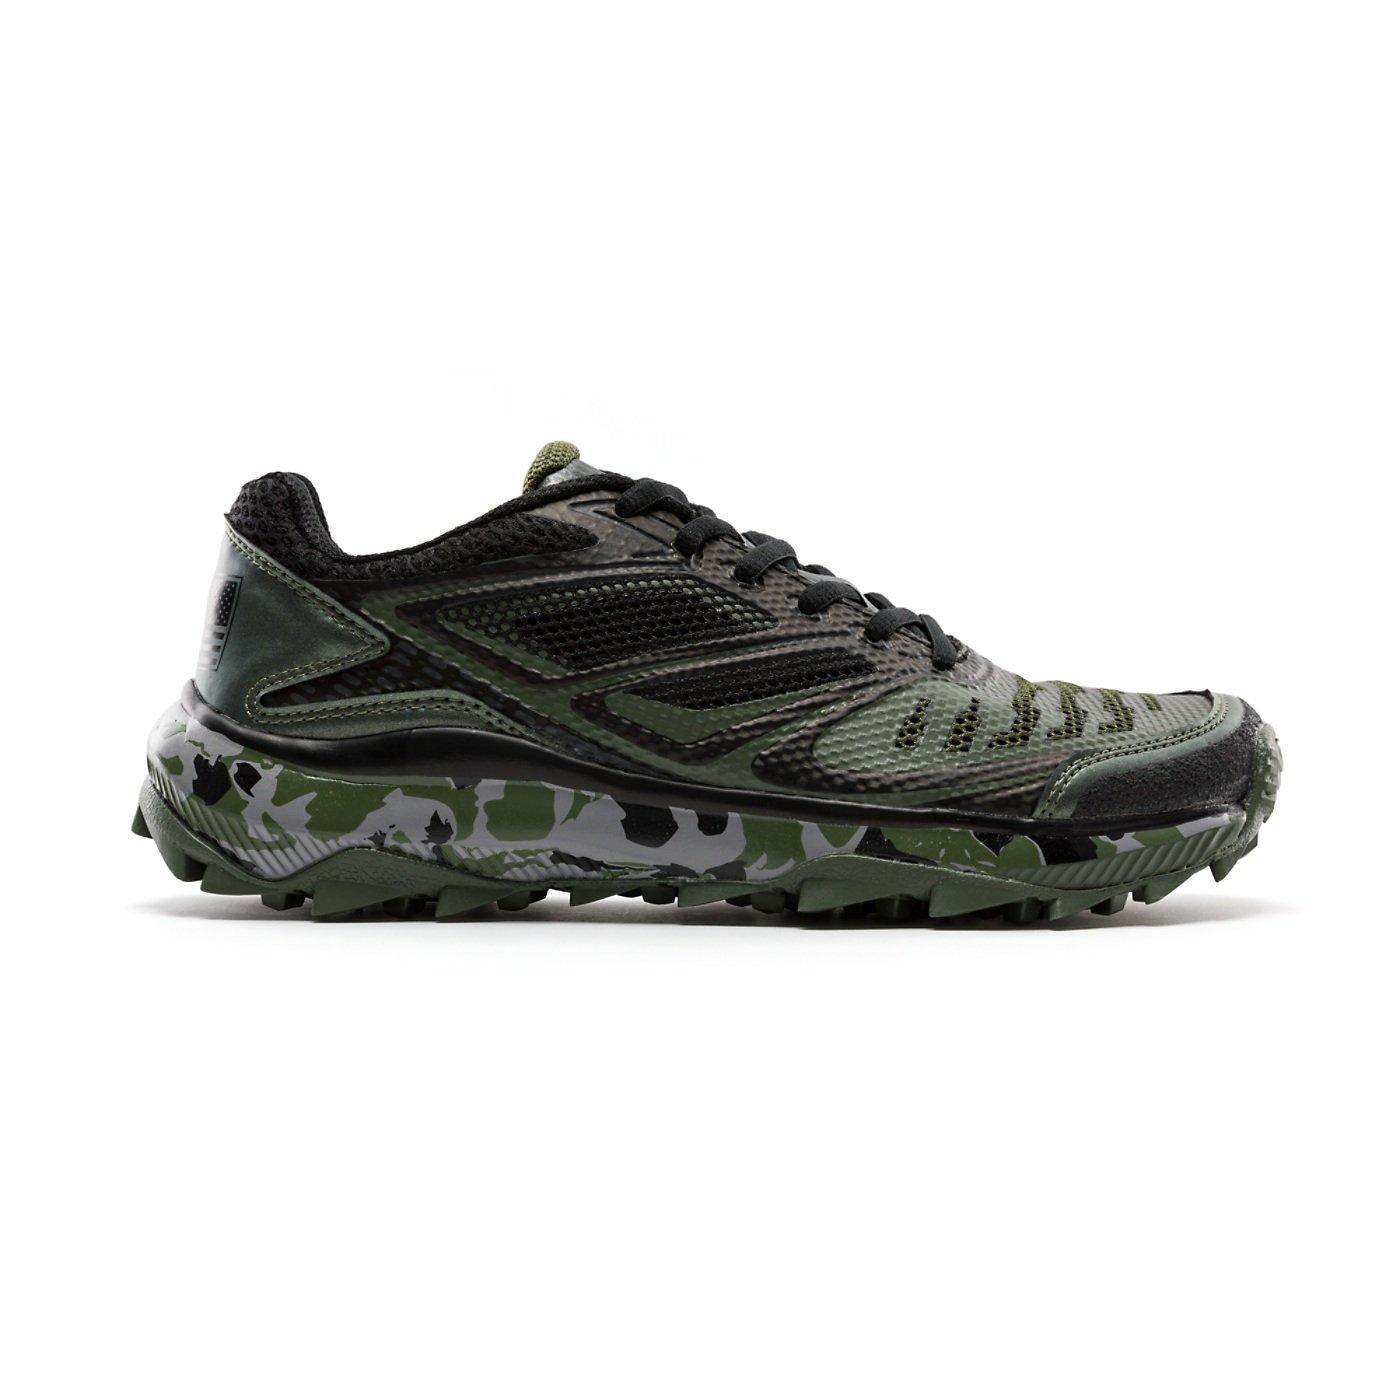 BoombahメンズTurbine Turf Shoes – 20カラーオプション – 複数のサイズ B07BT4Y1GH 6|ブラック/オリーブ ブラック/オリーブ 6